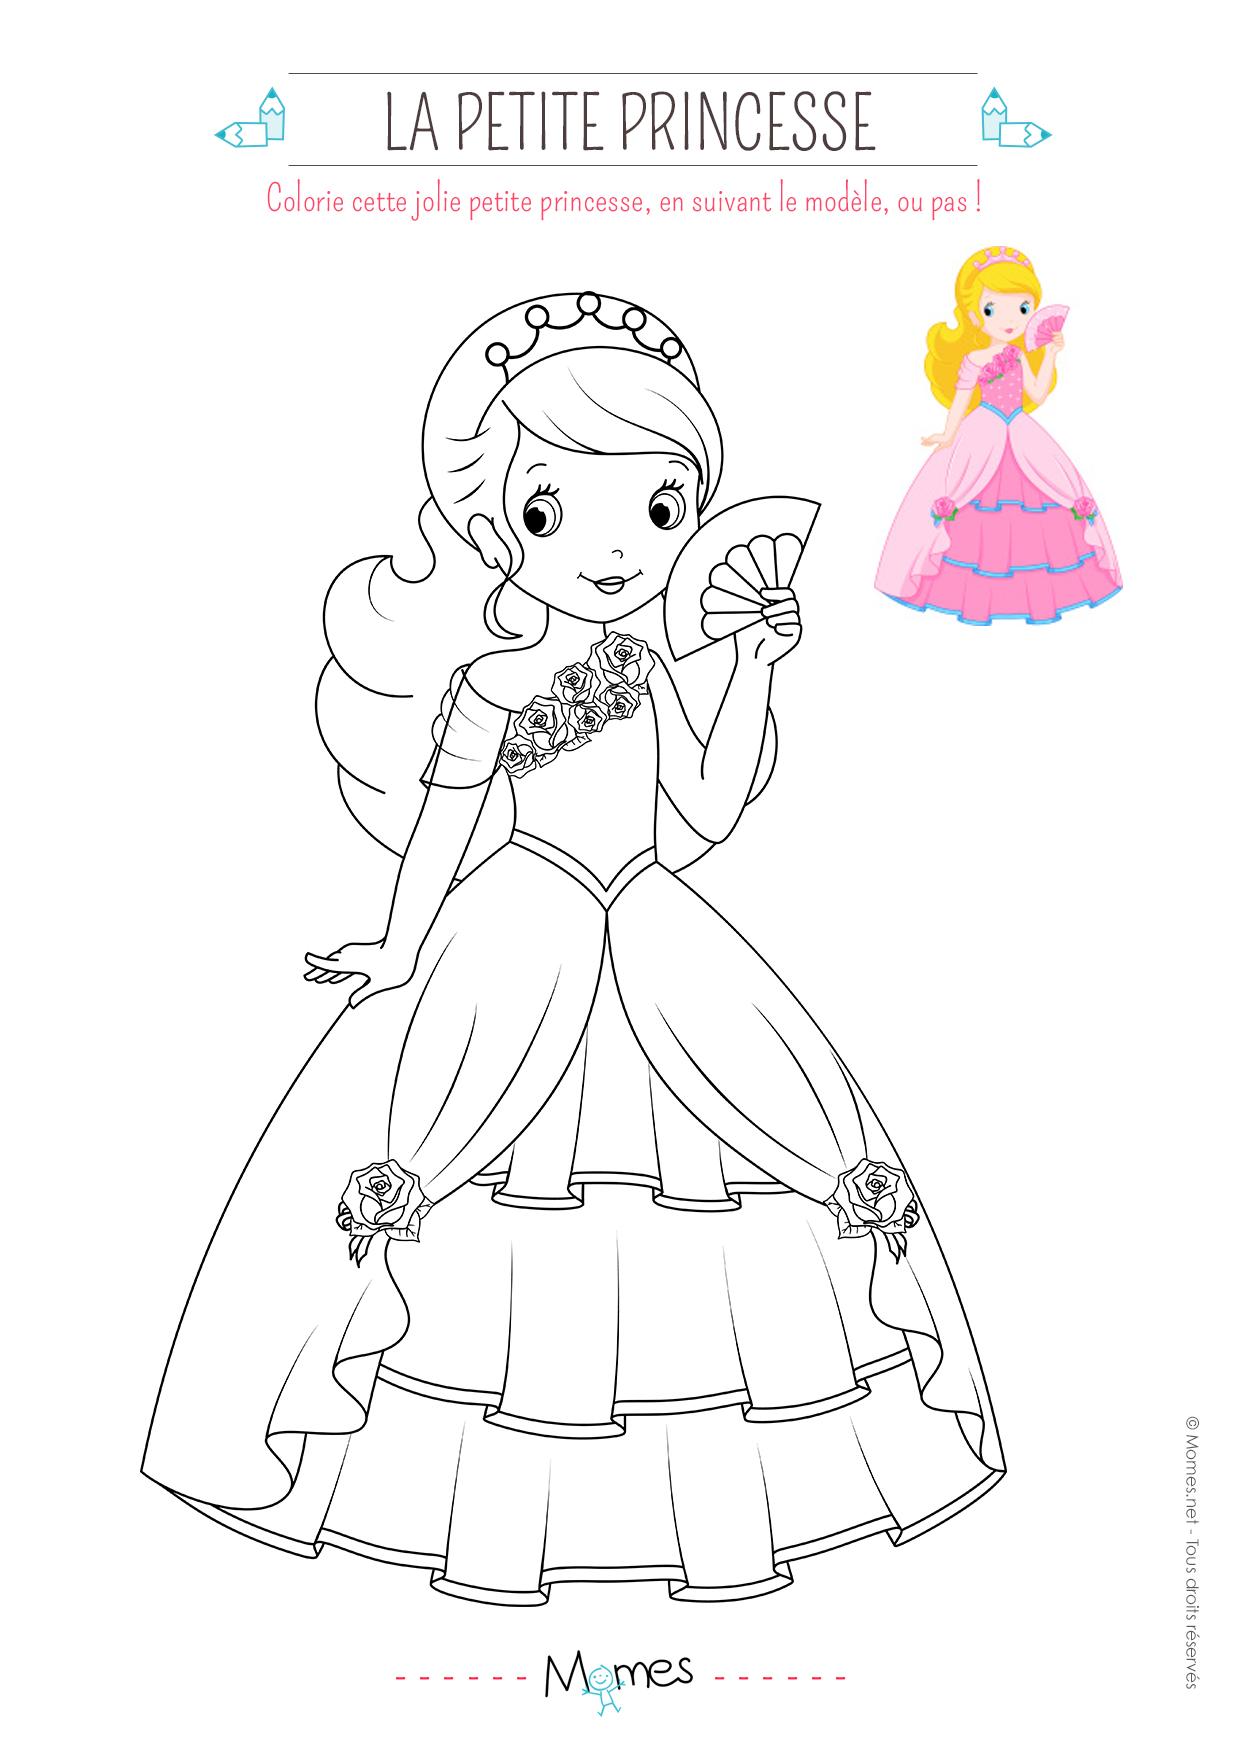 Coloriage de princesse avec modèle - Momes.net